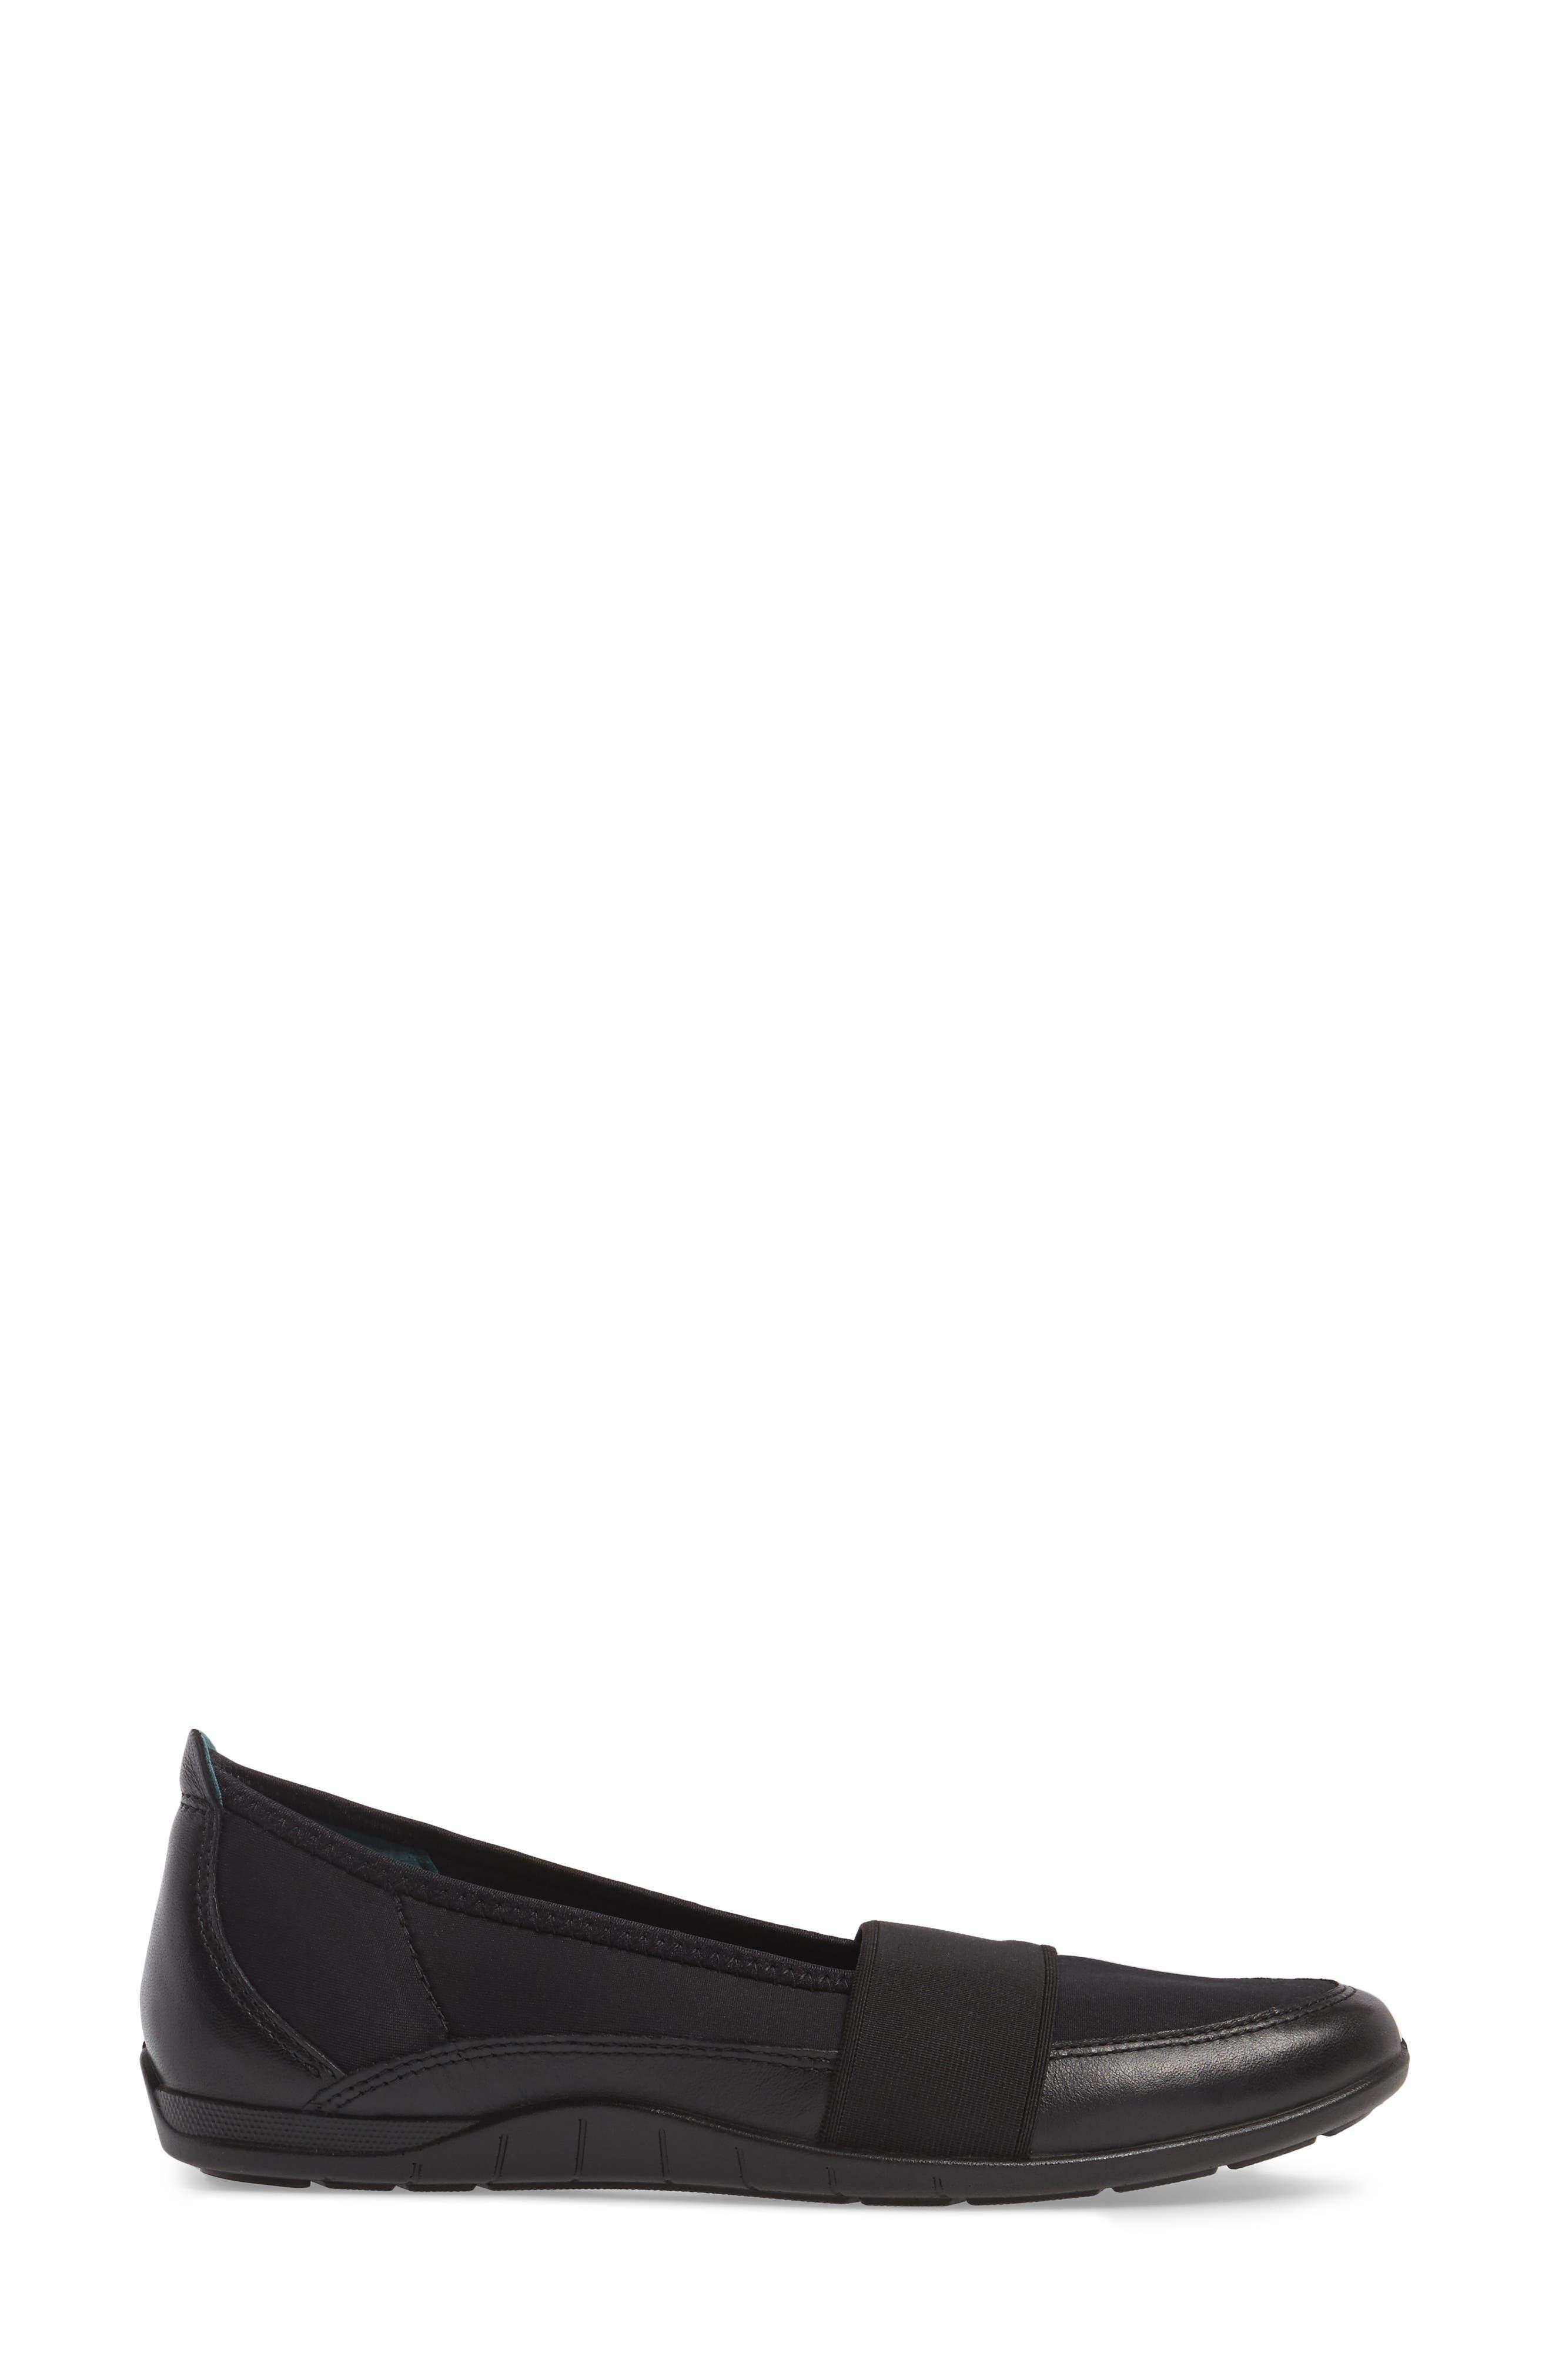 'Bluma' Slip-On Sneaker,                             Alternate thumbnail 13, color,